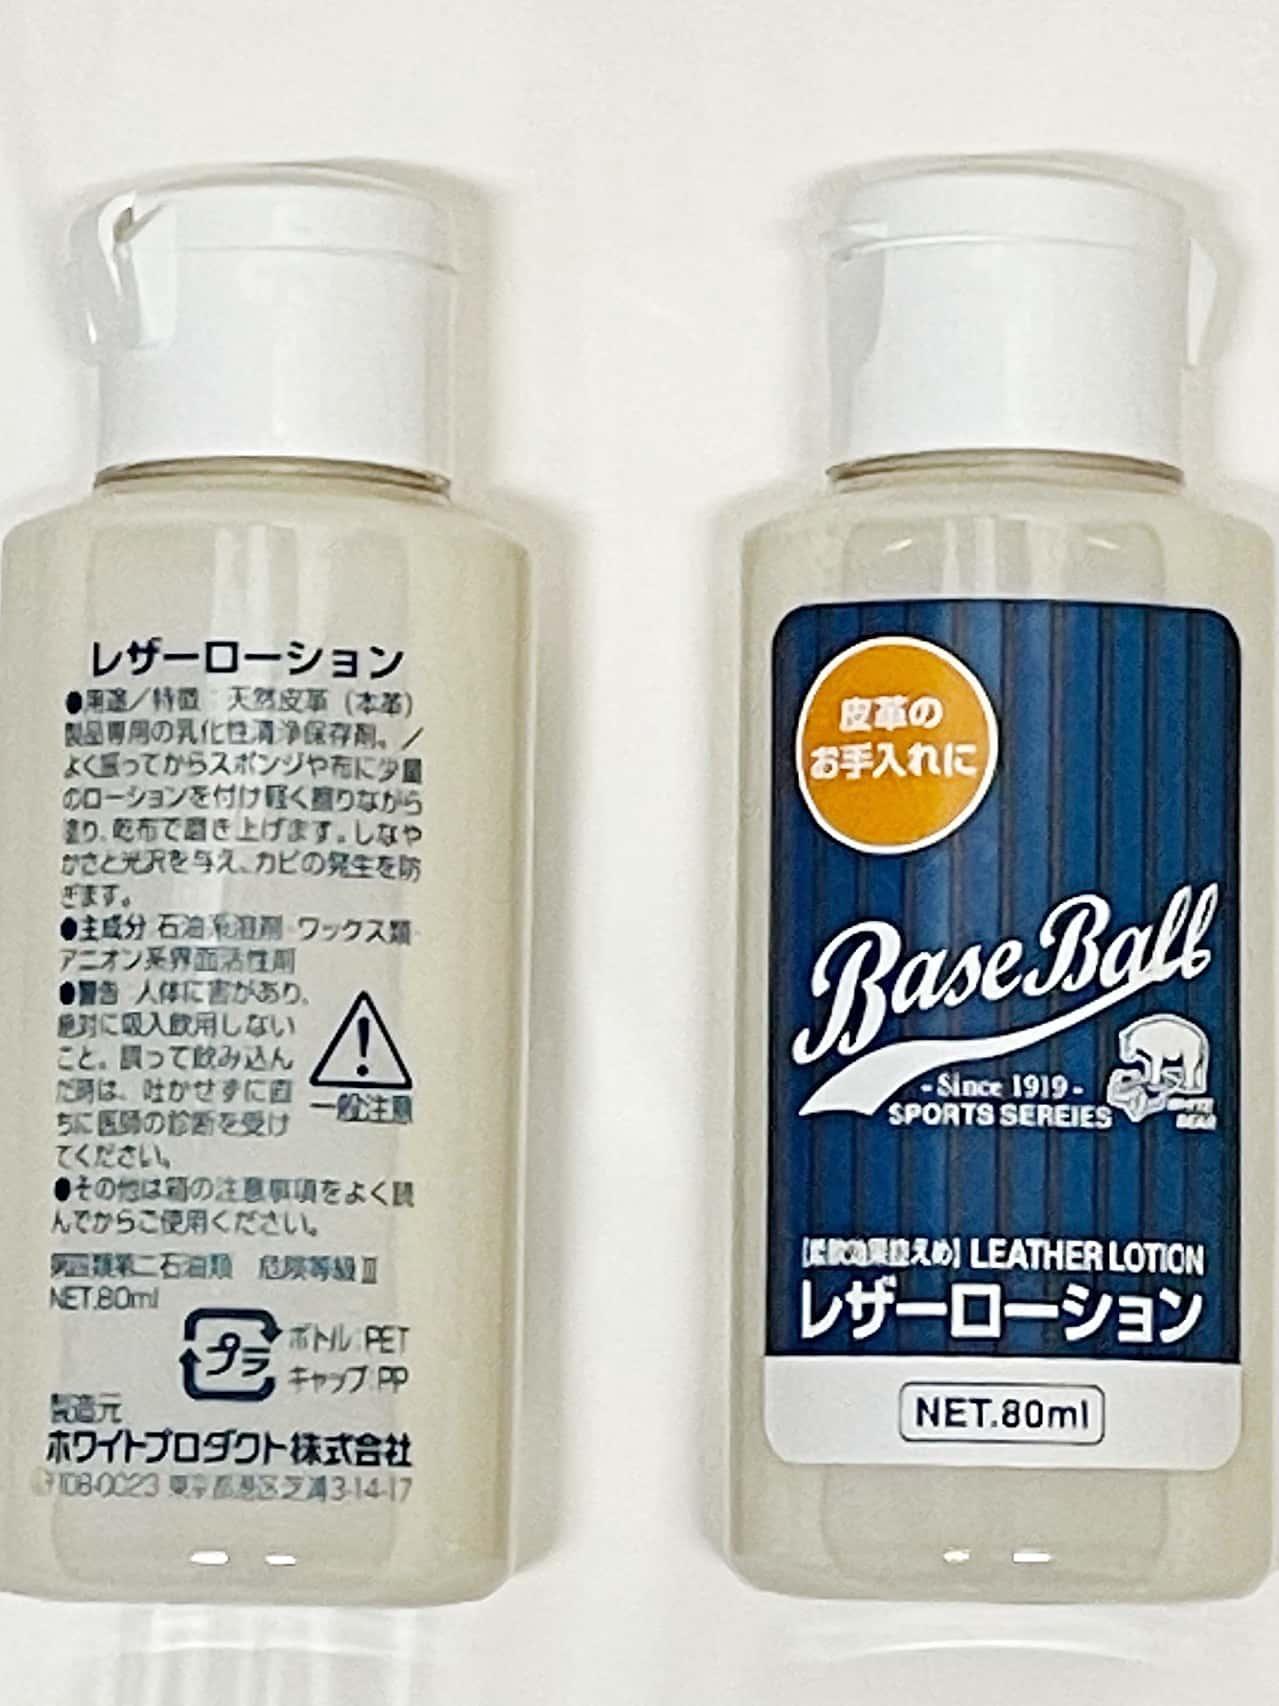 WHITE BEAR(ホワイトベアー)皮革製品用レザーローションの製品